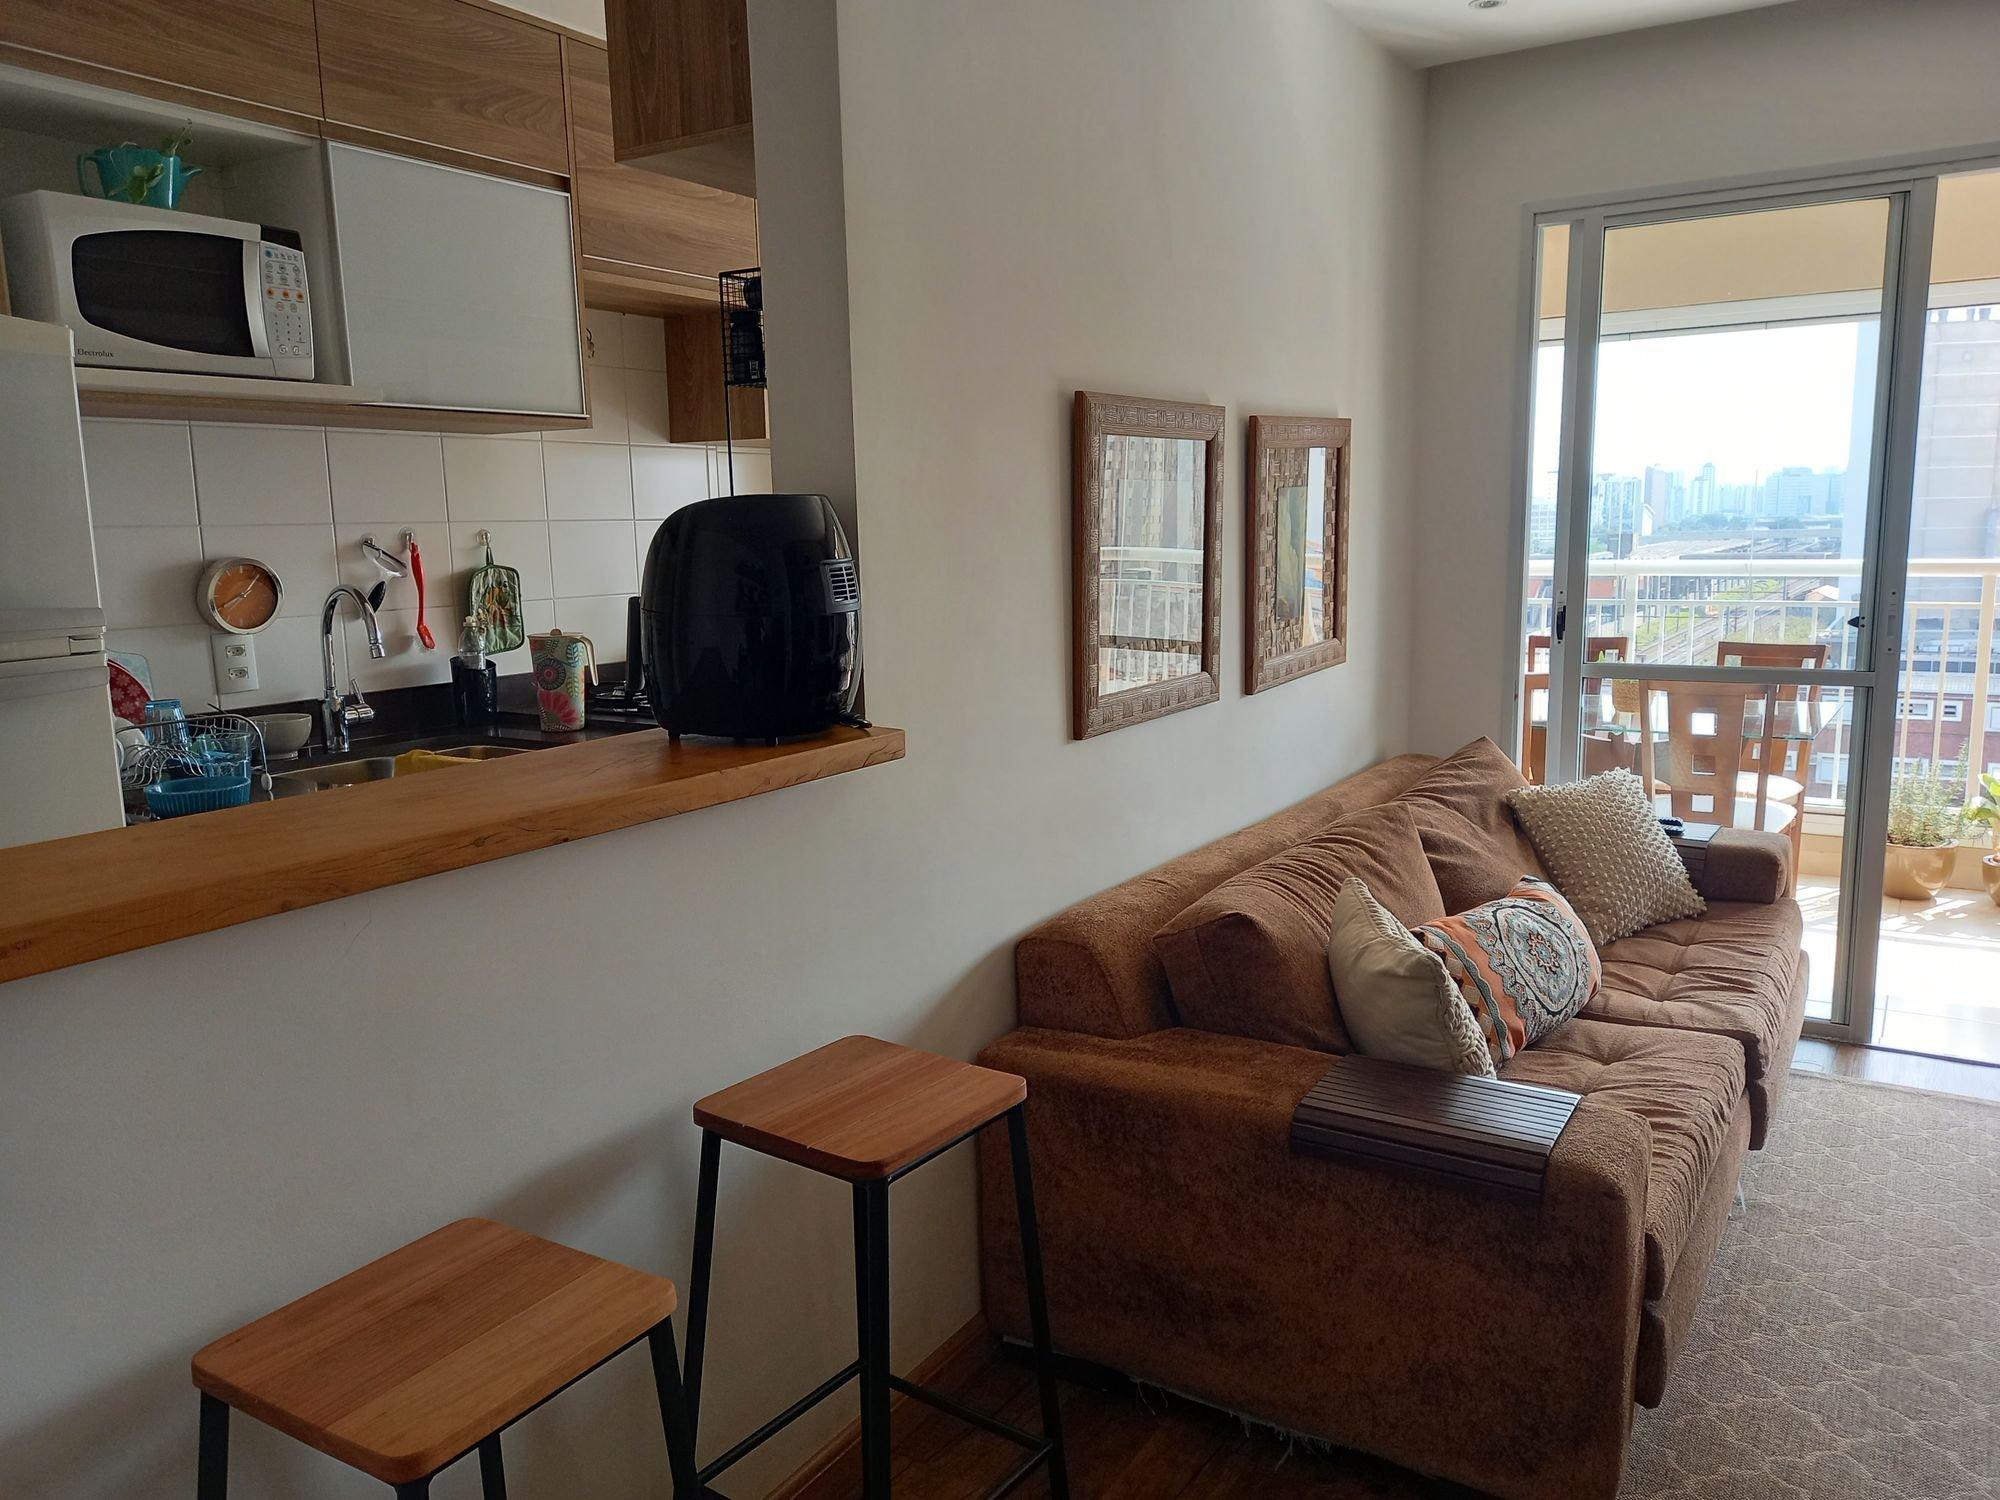 Foto de Sala com sofá, banco, microondas, xícara